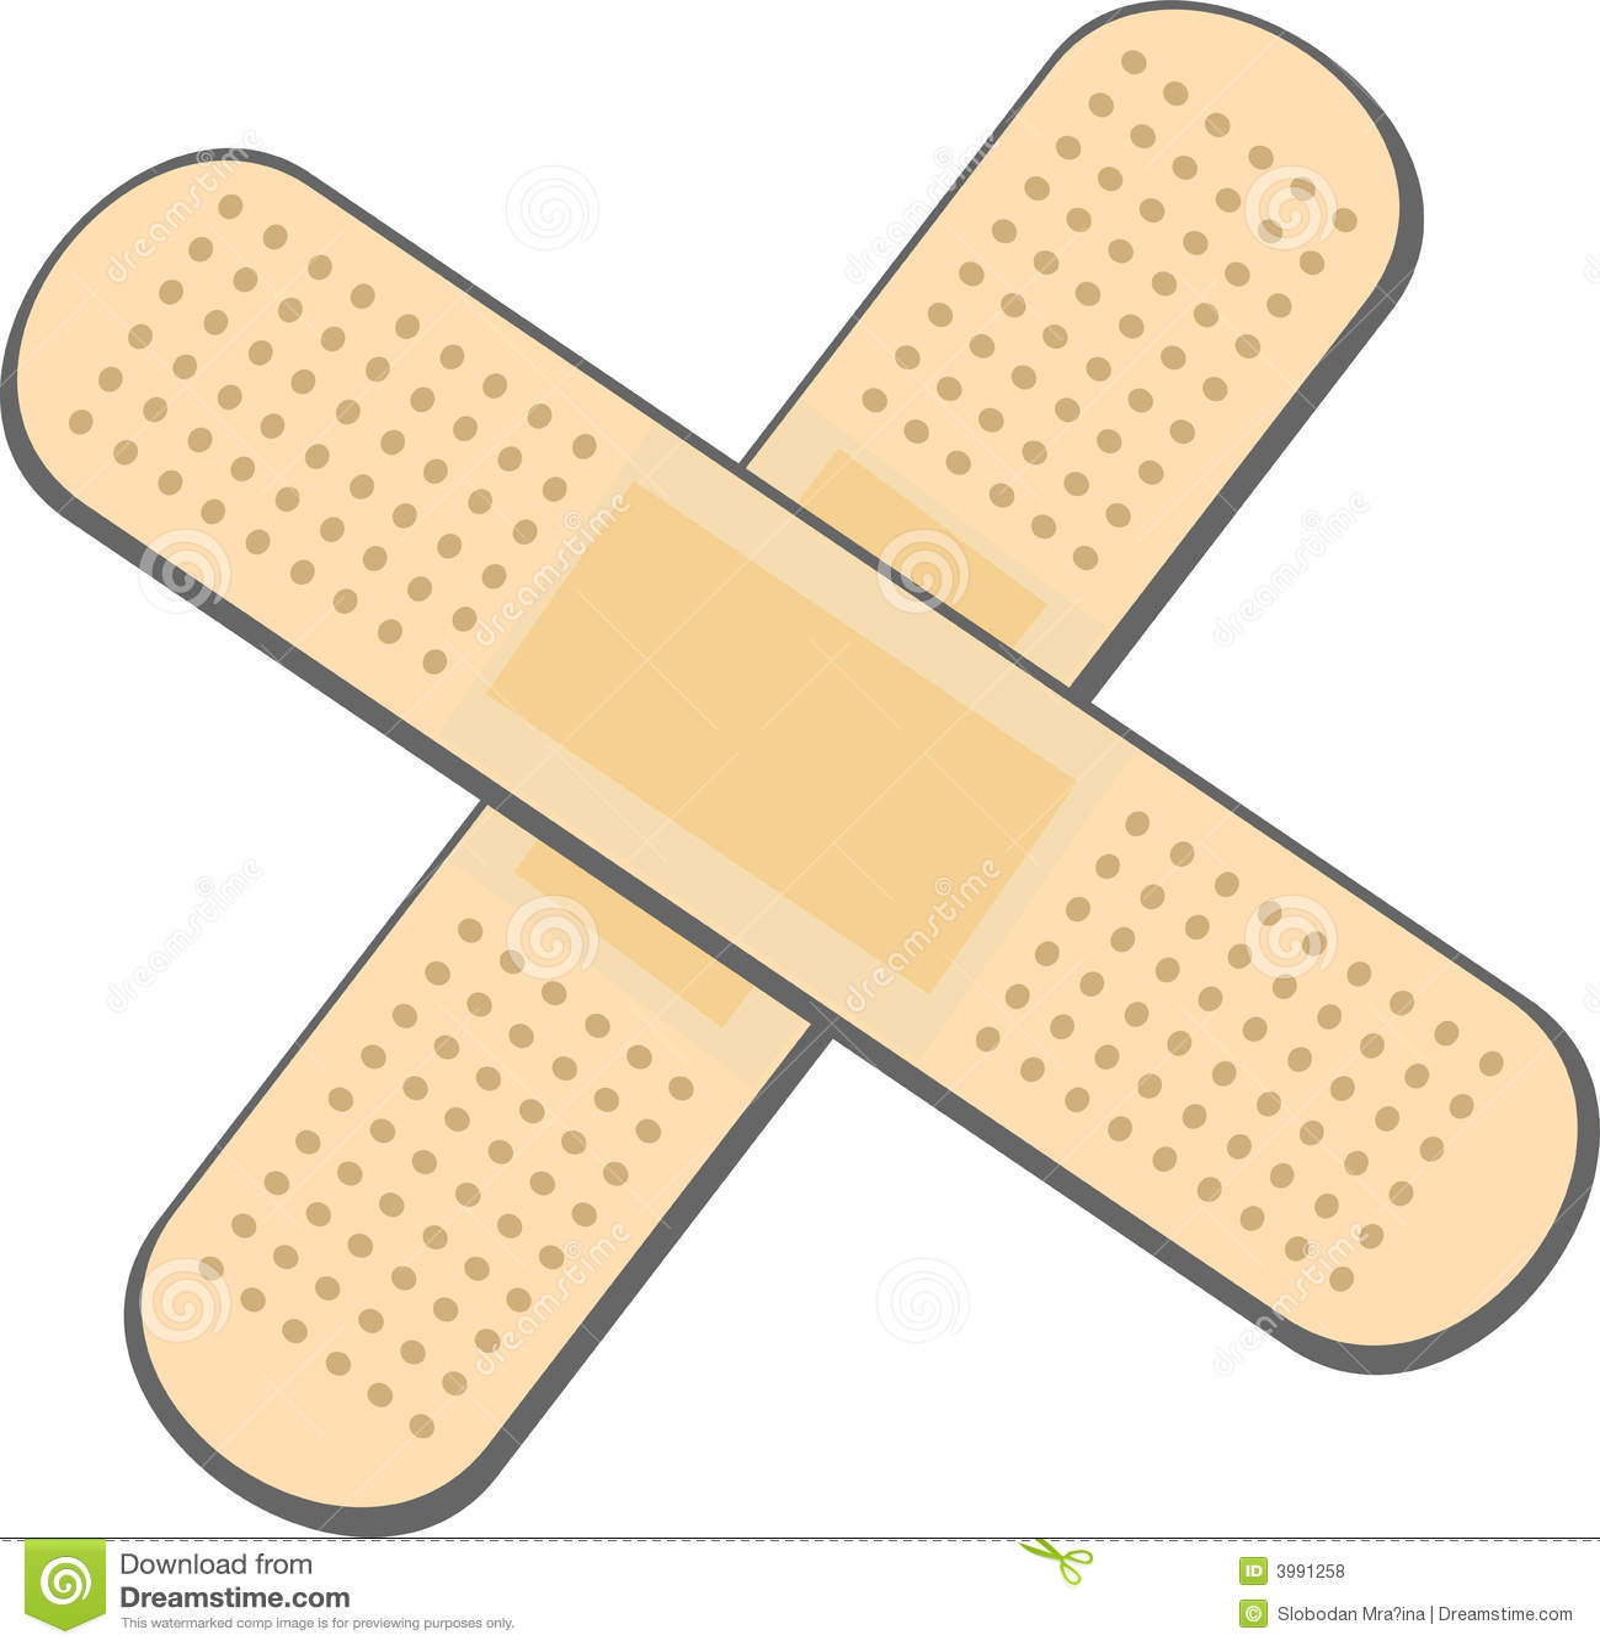 Bandage plaster stock illustration  Illustration of gauze